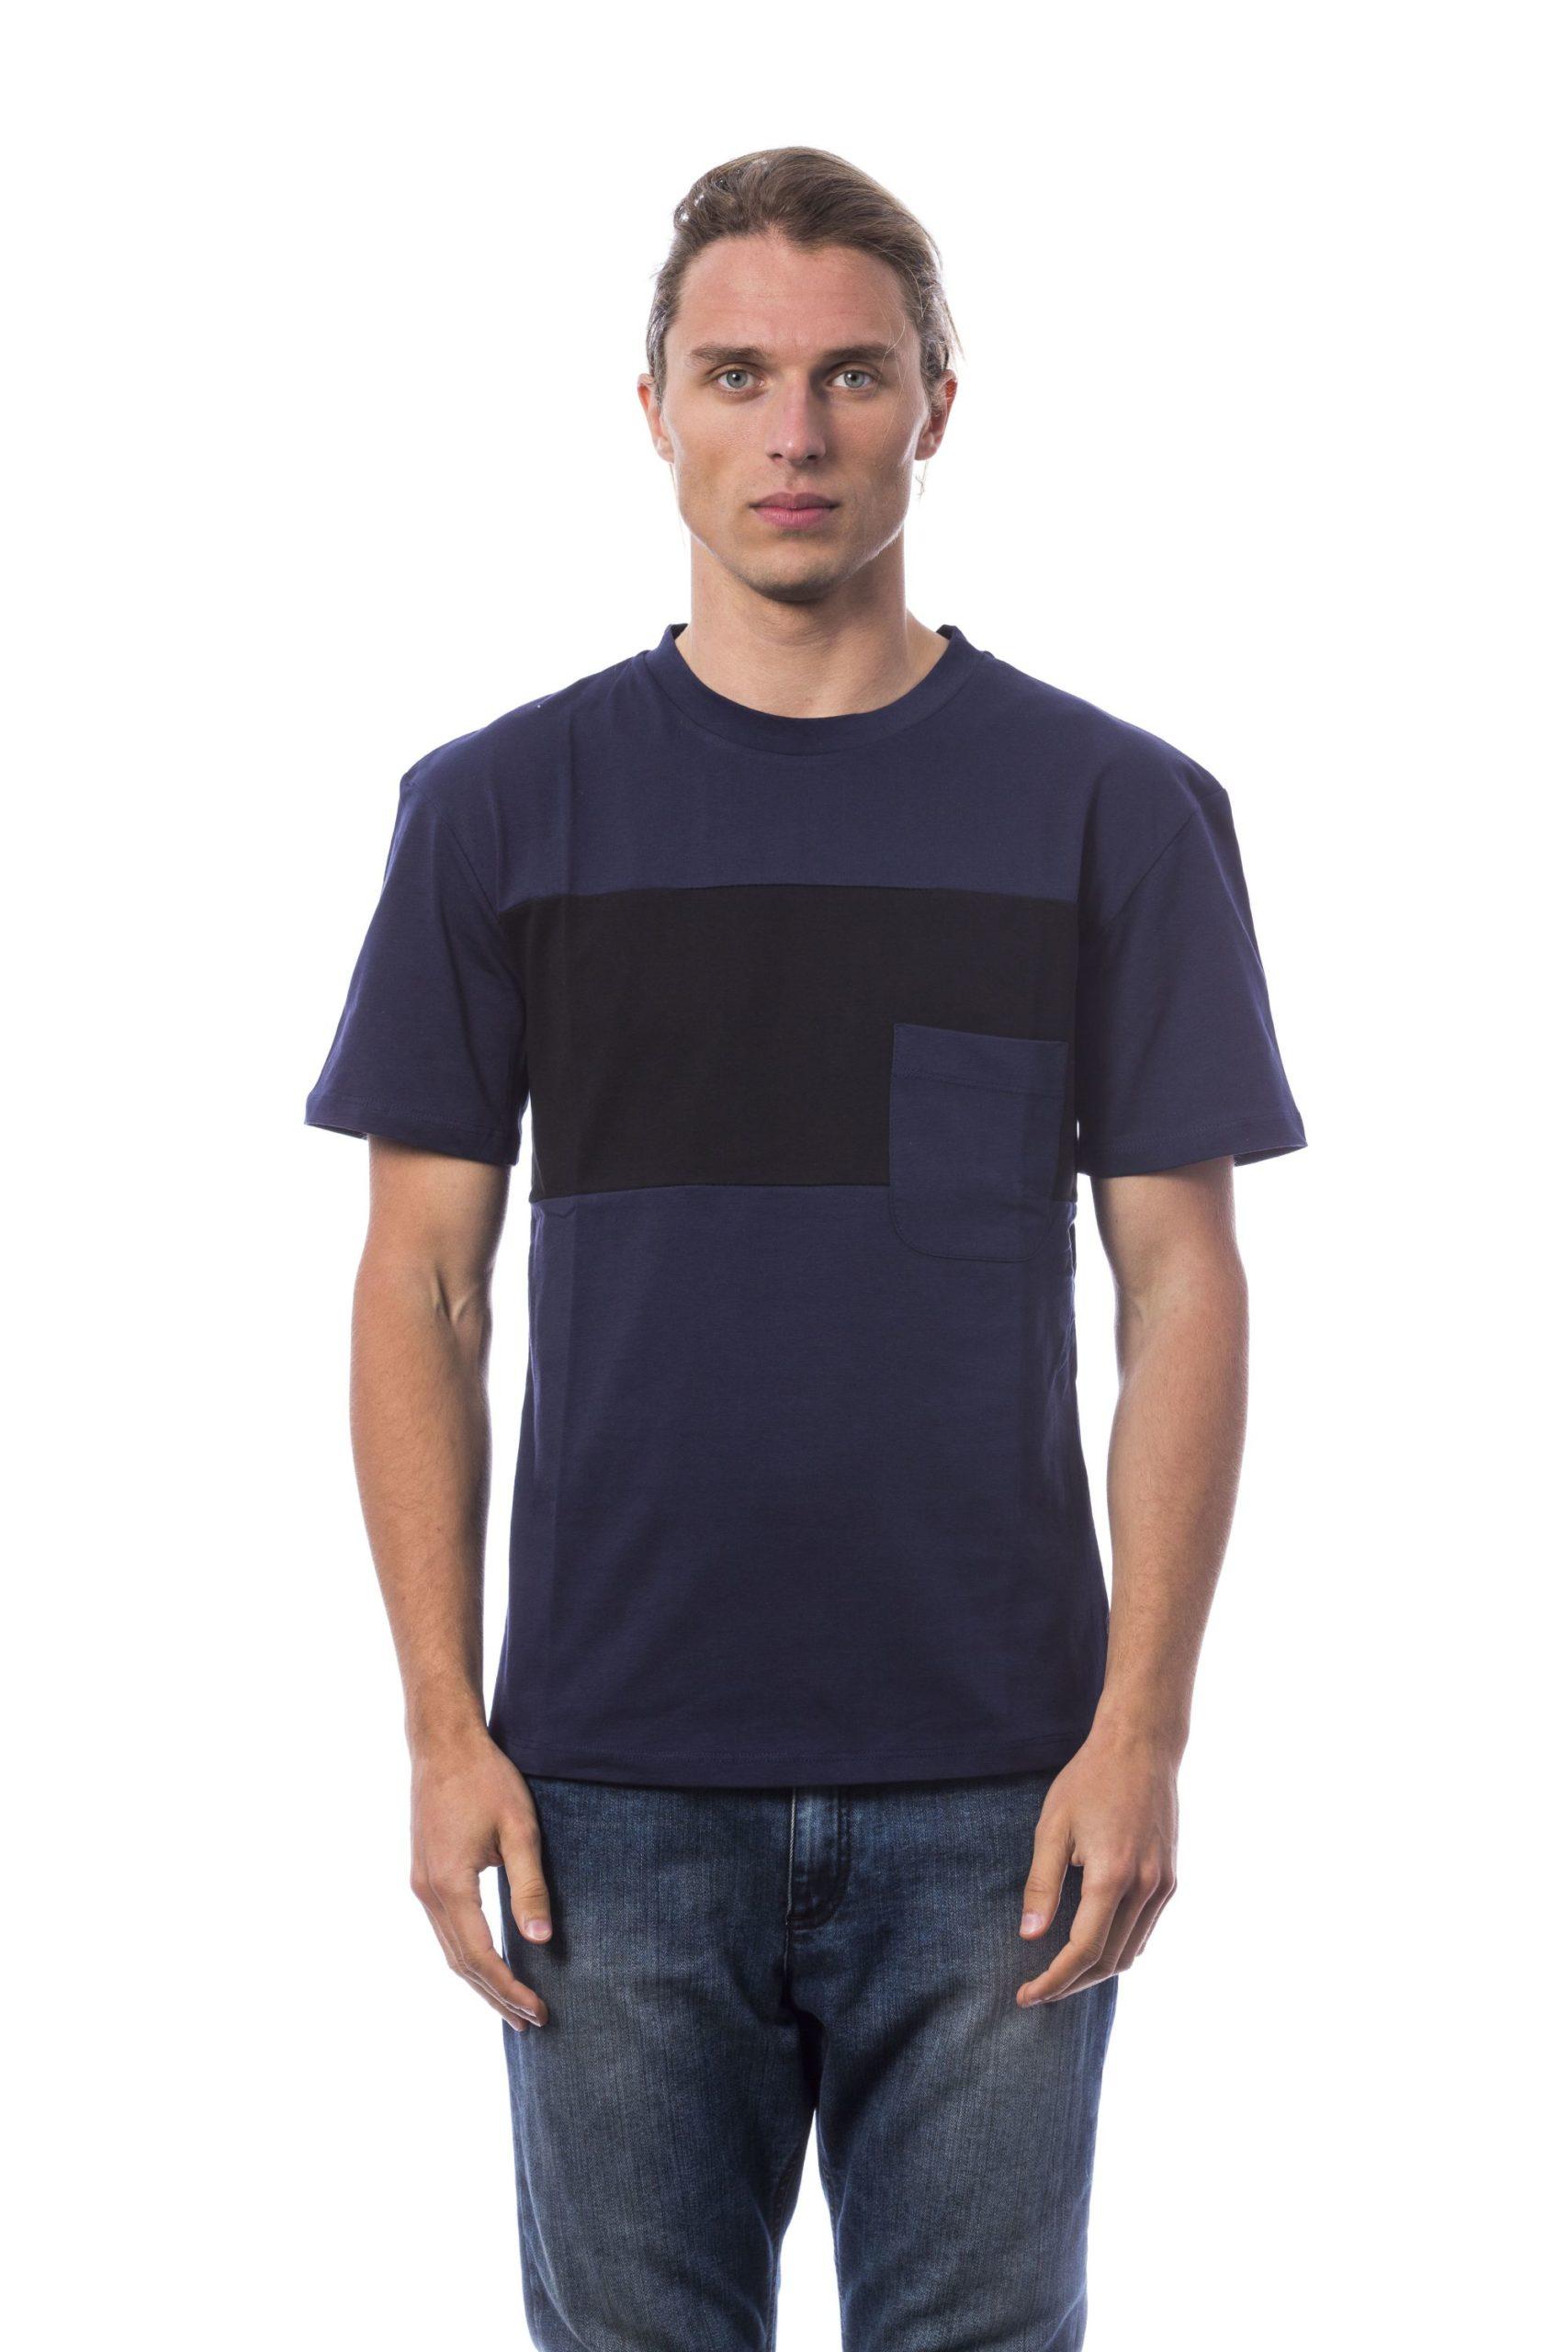 Verri Men's Blu Navy T-Shirt Blue VE678497 - S